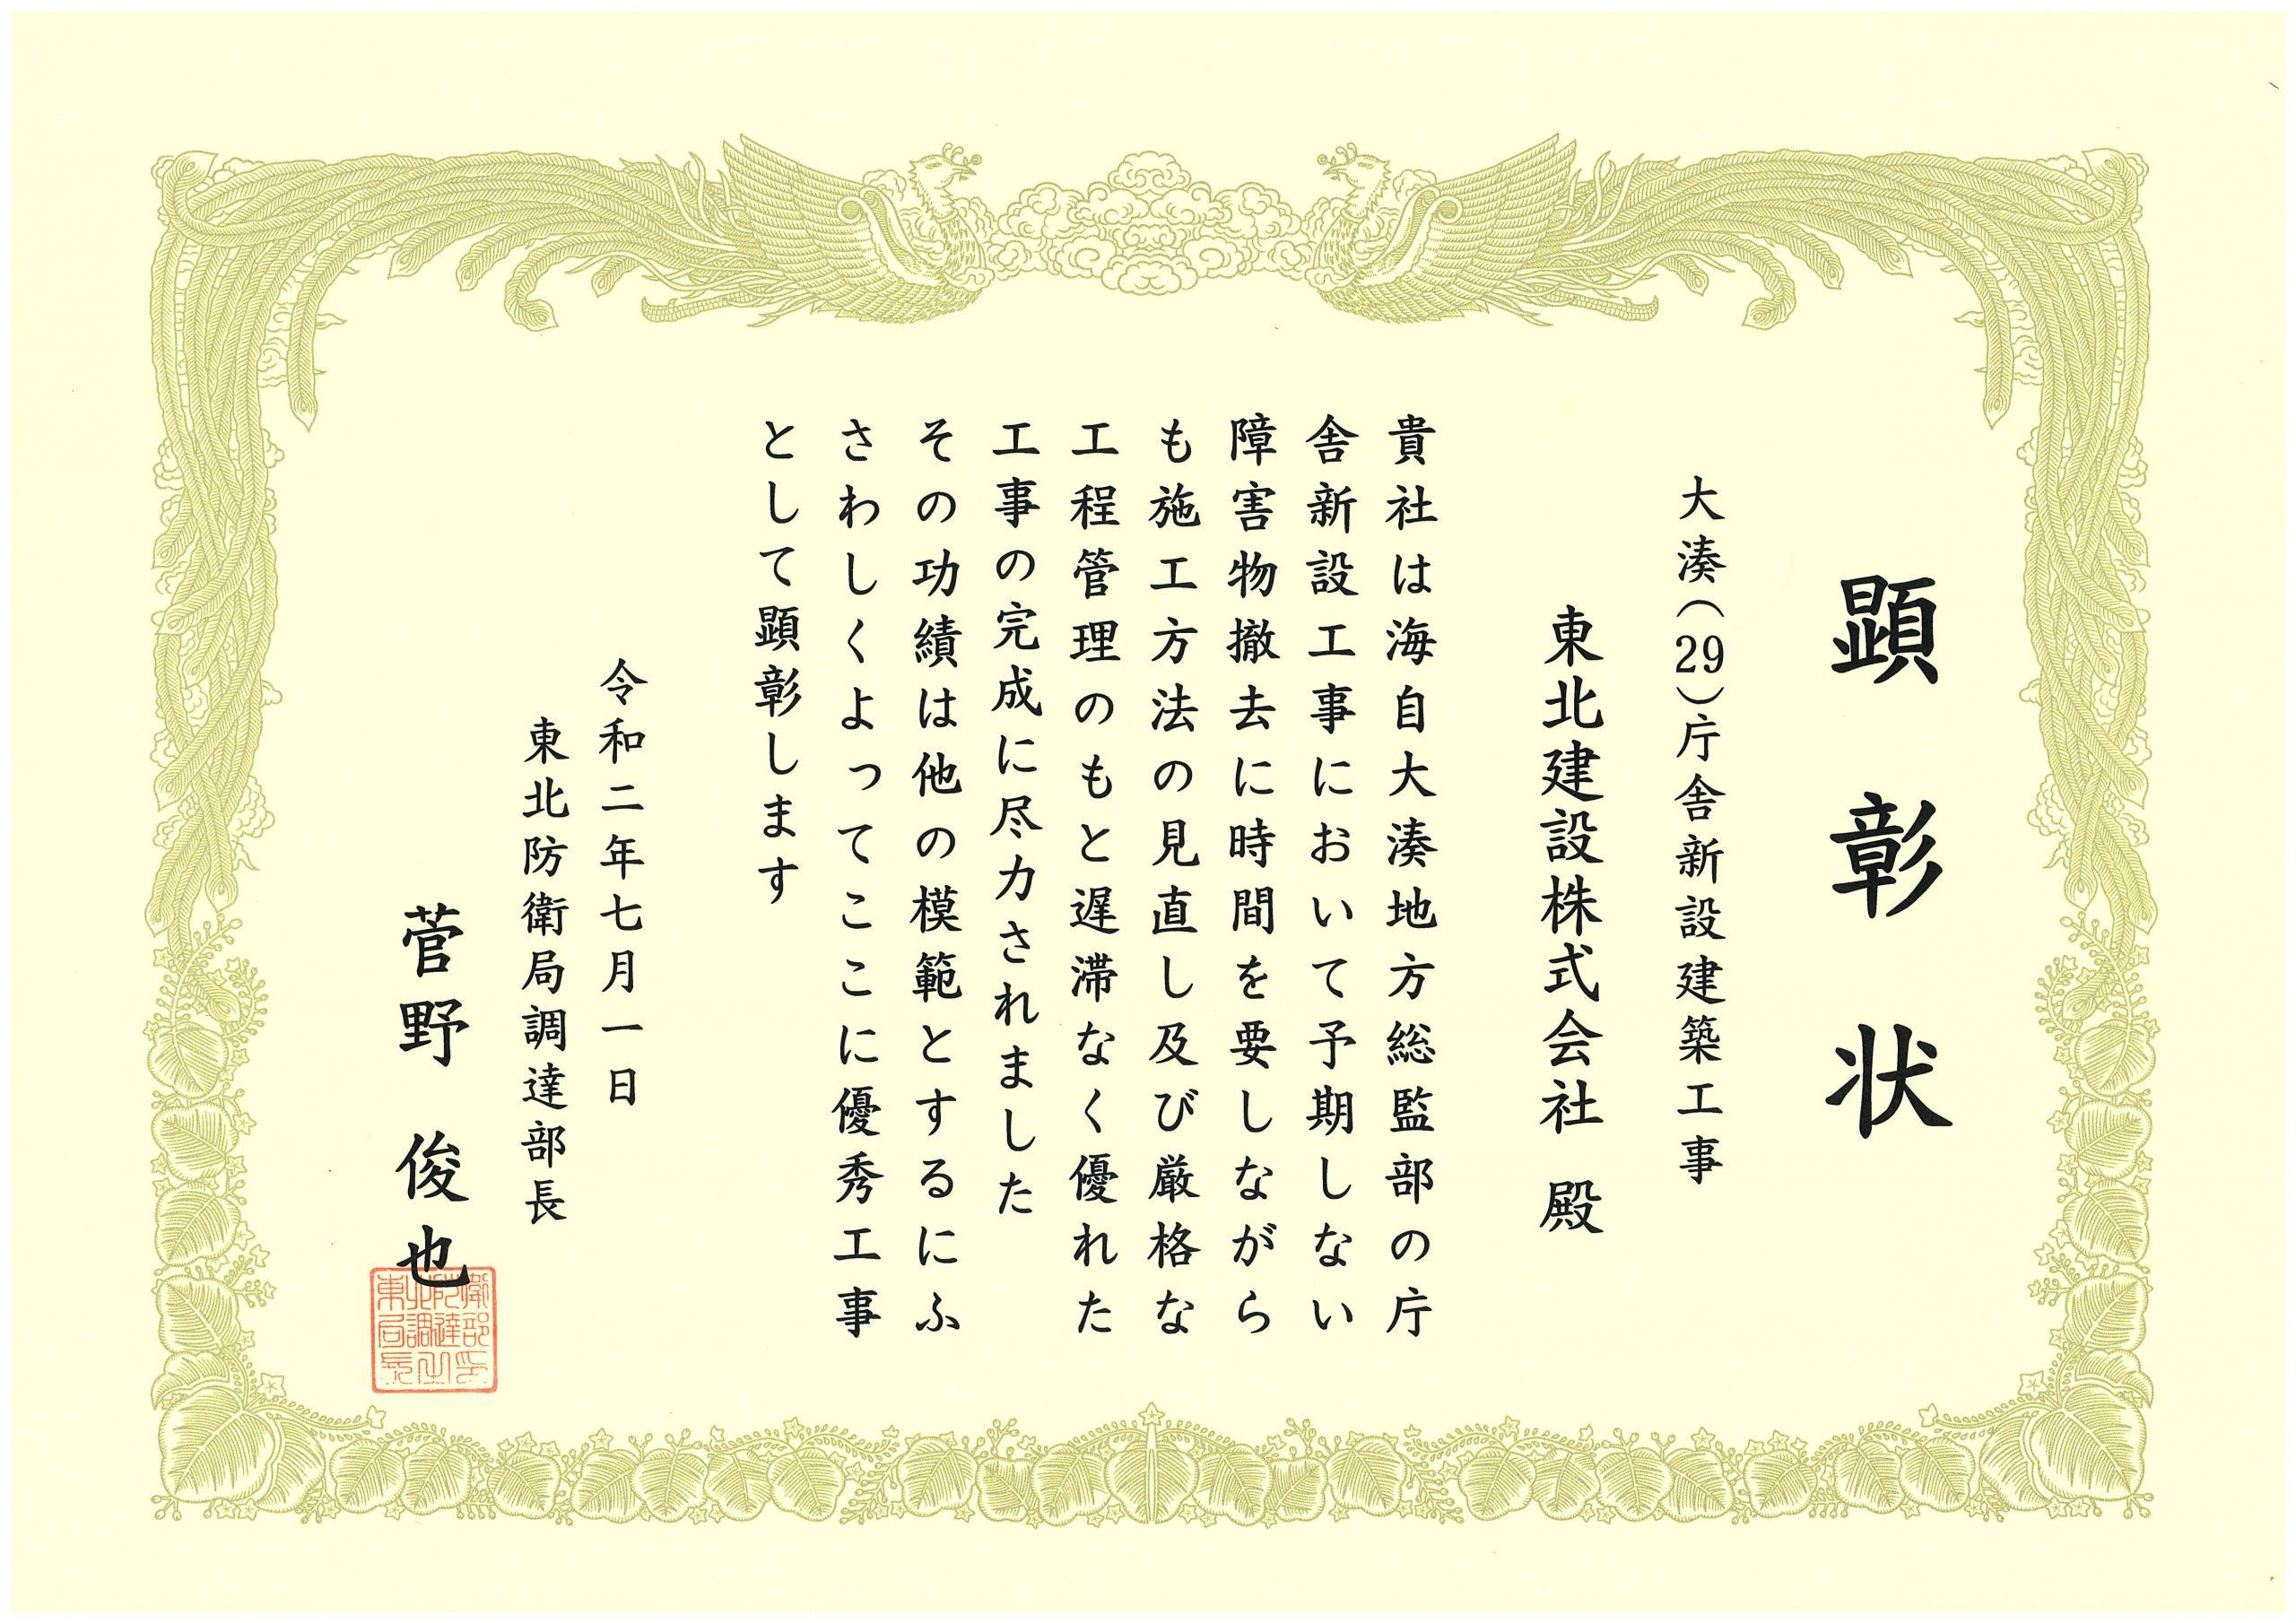 大湊(29)庁舎新設建築工事(東北防衛局)